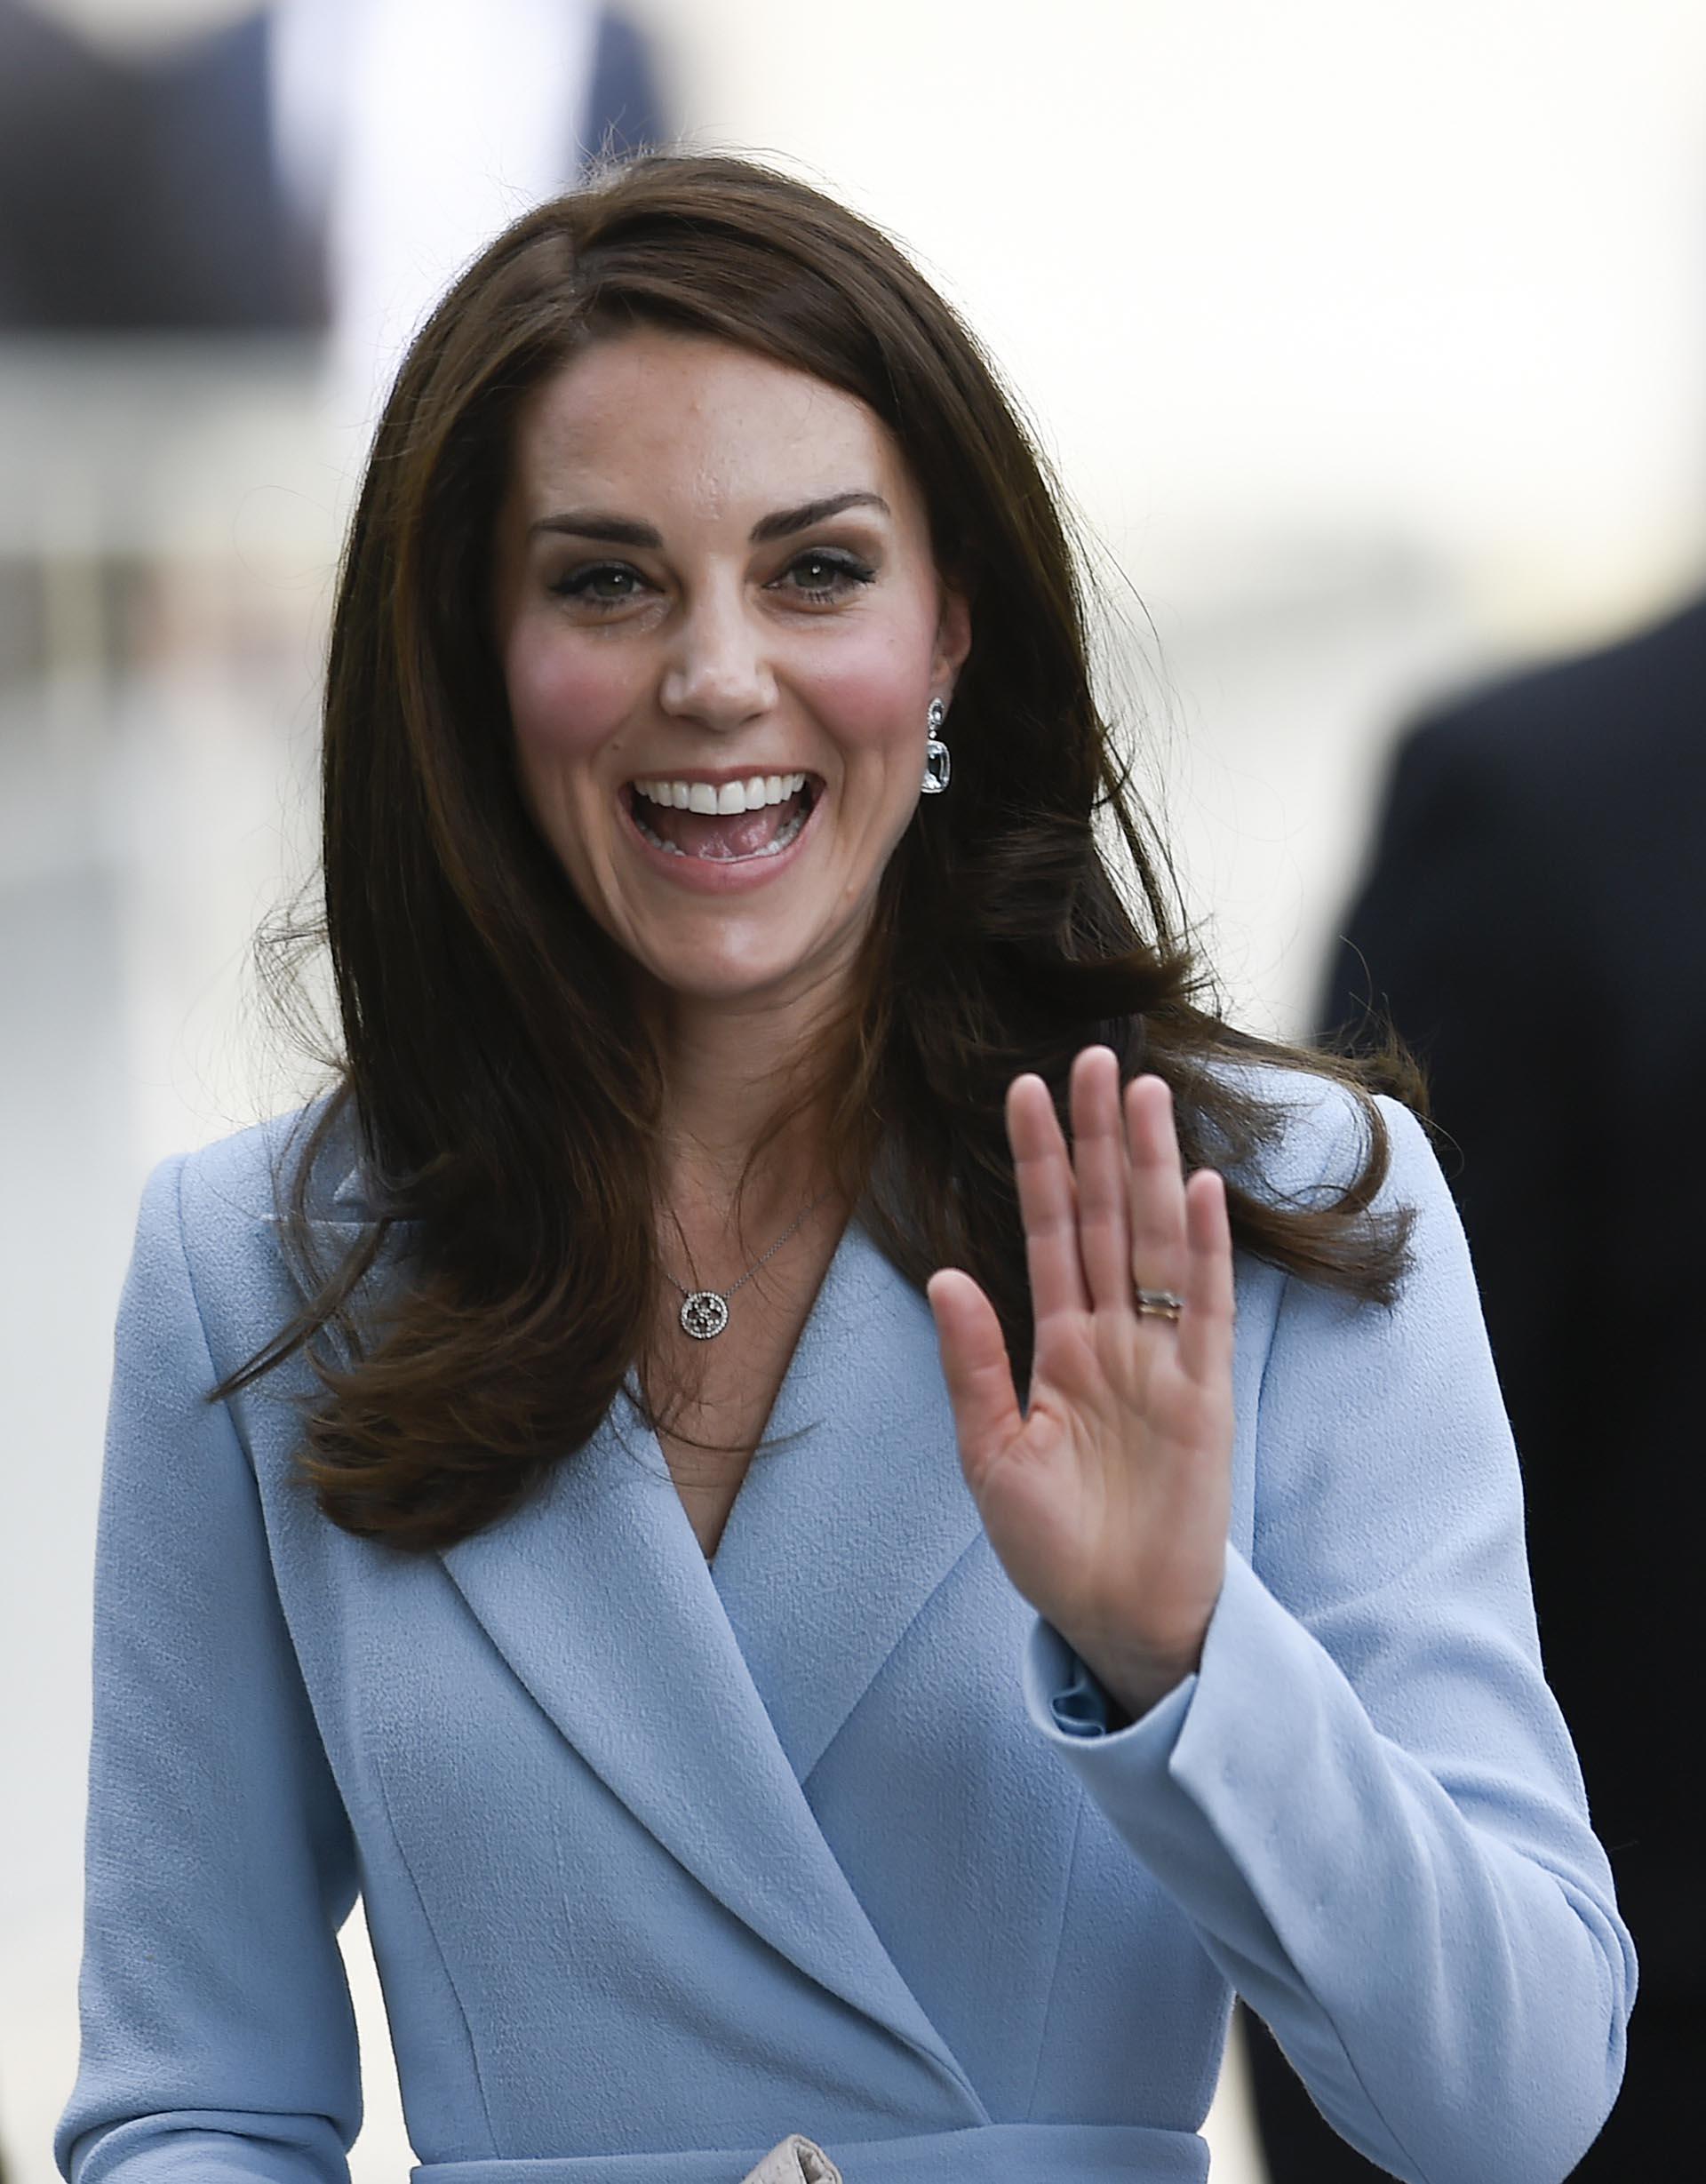 Siempre sonriente y de buen humor, así arribó la Catalina de Cambridge a un acto oficial en Luxemburgo